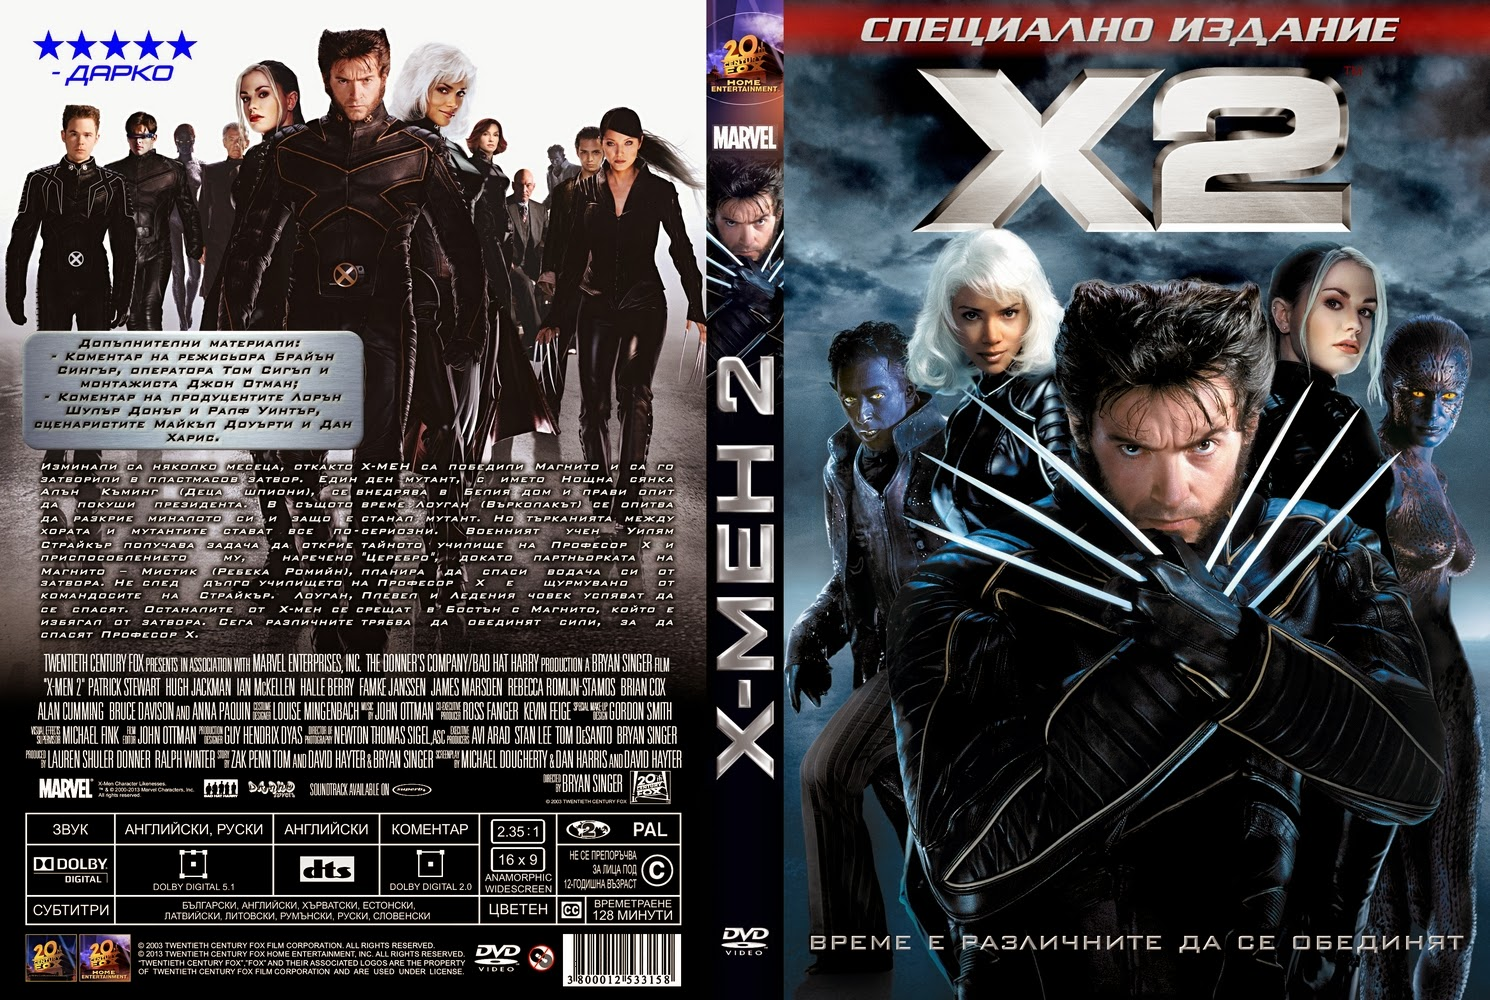 X Men Dvd Cover: X-men 2 2003 Dvd Cover Related Keywords